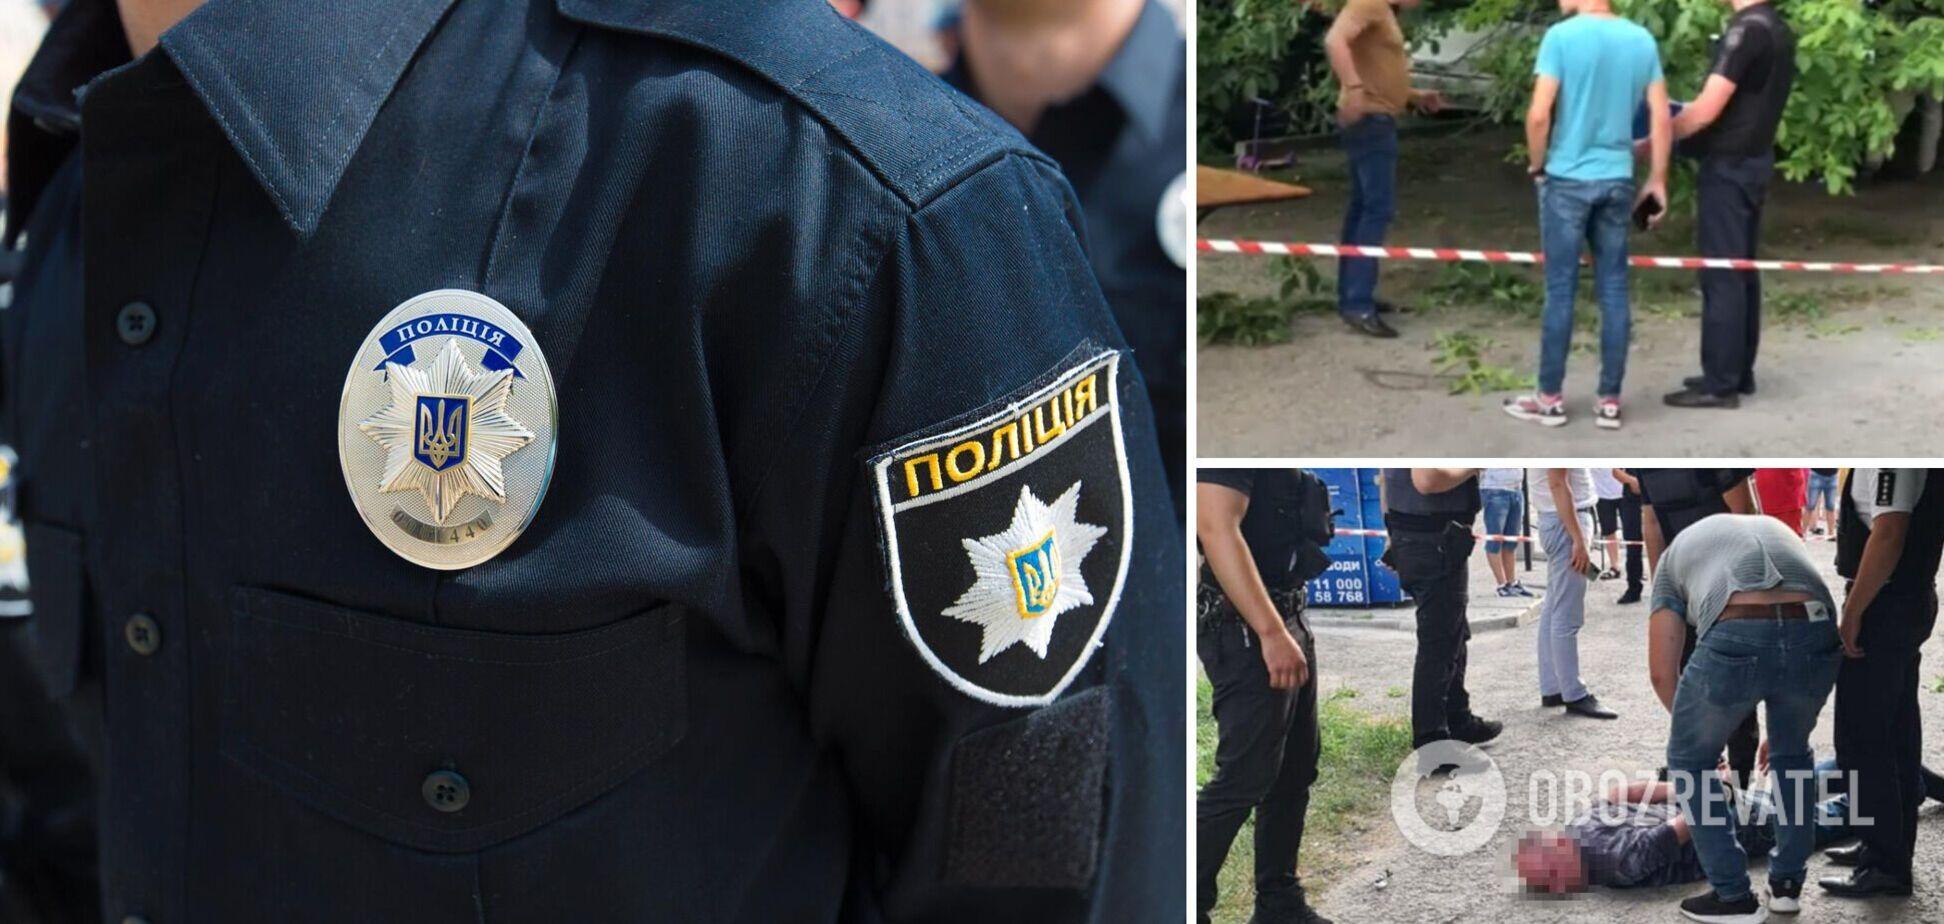 В Каменце-Подольском из-за взрыва пострадали пятеро взрослых и ребенок: задержан экс-сотрудник ГРУ. Фото и видео